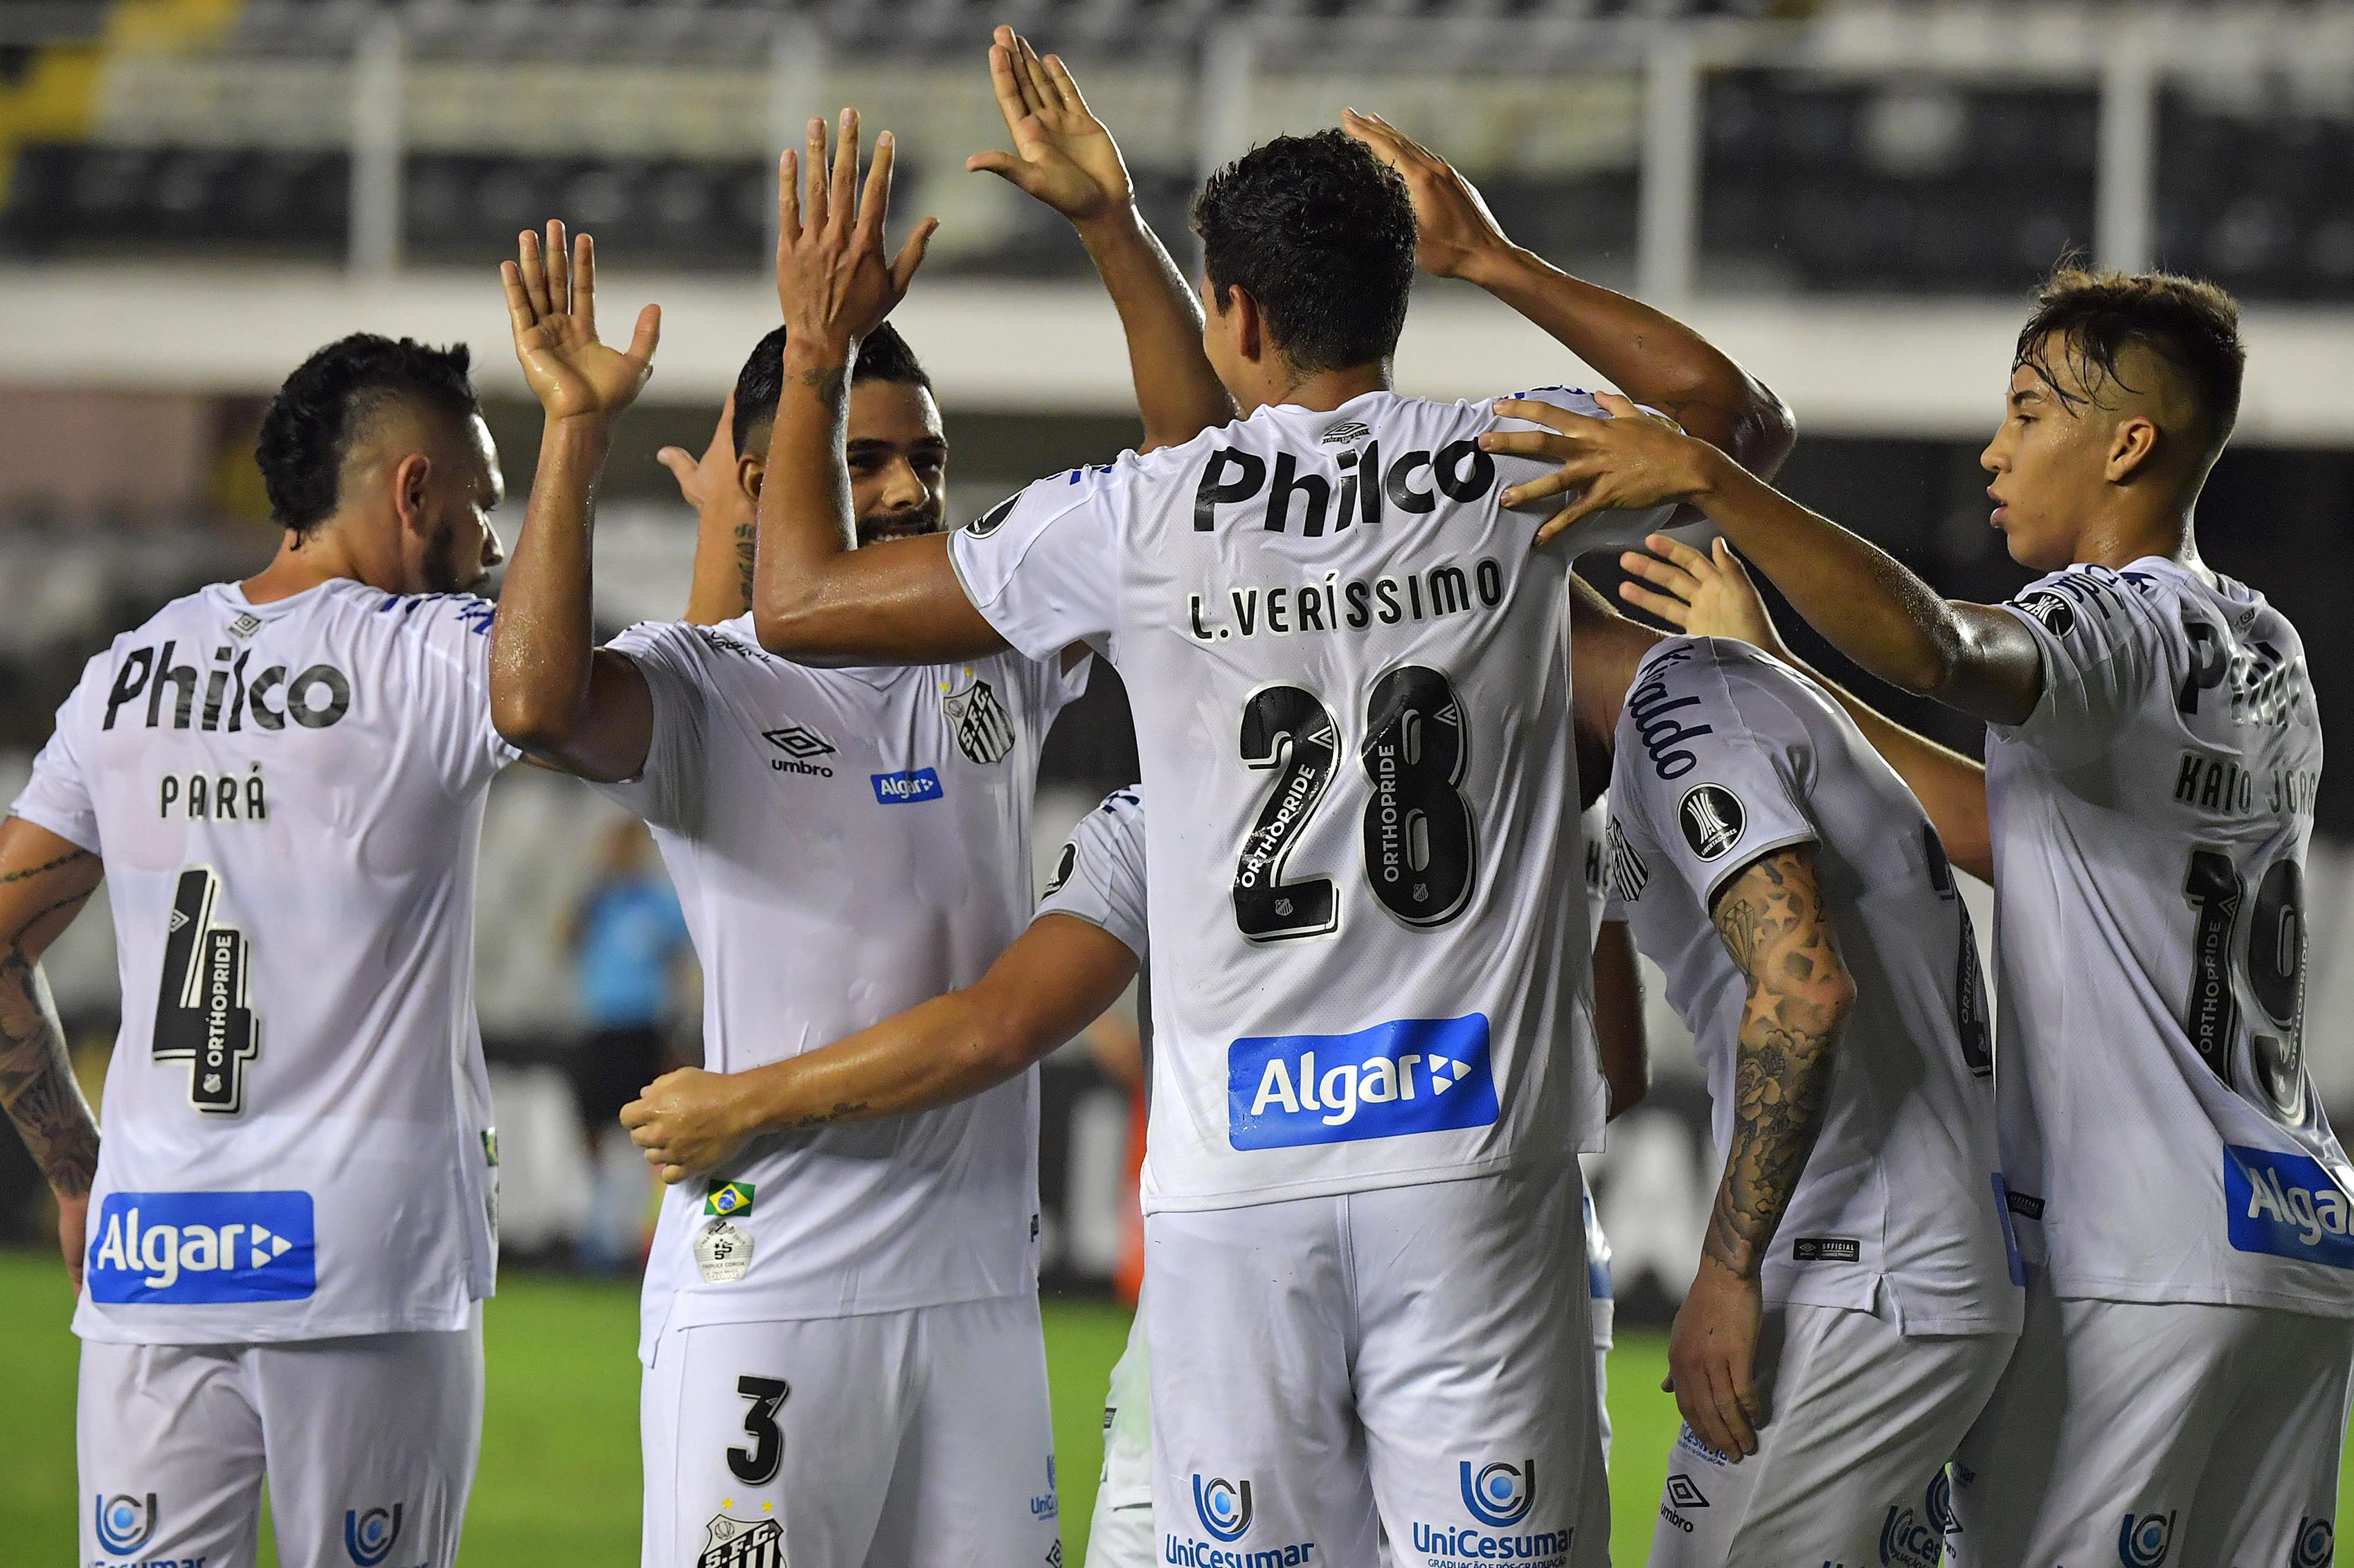 Santos Libertadores 2020